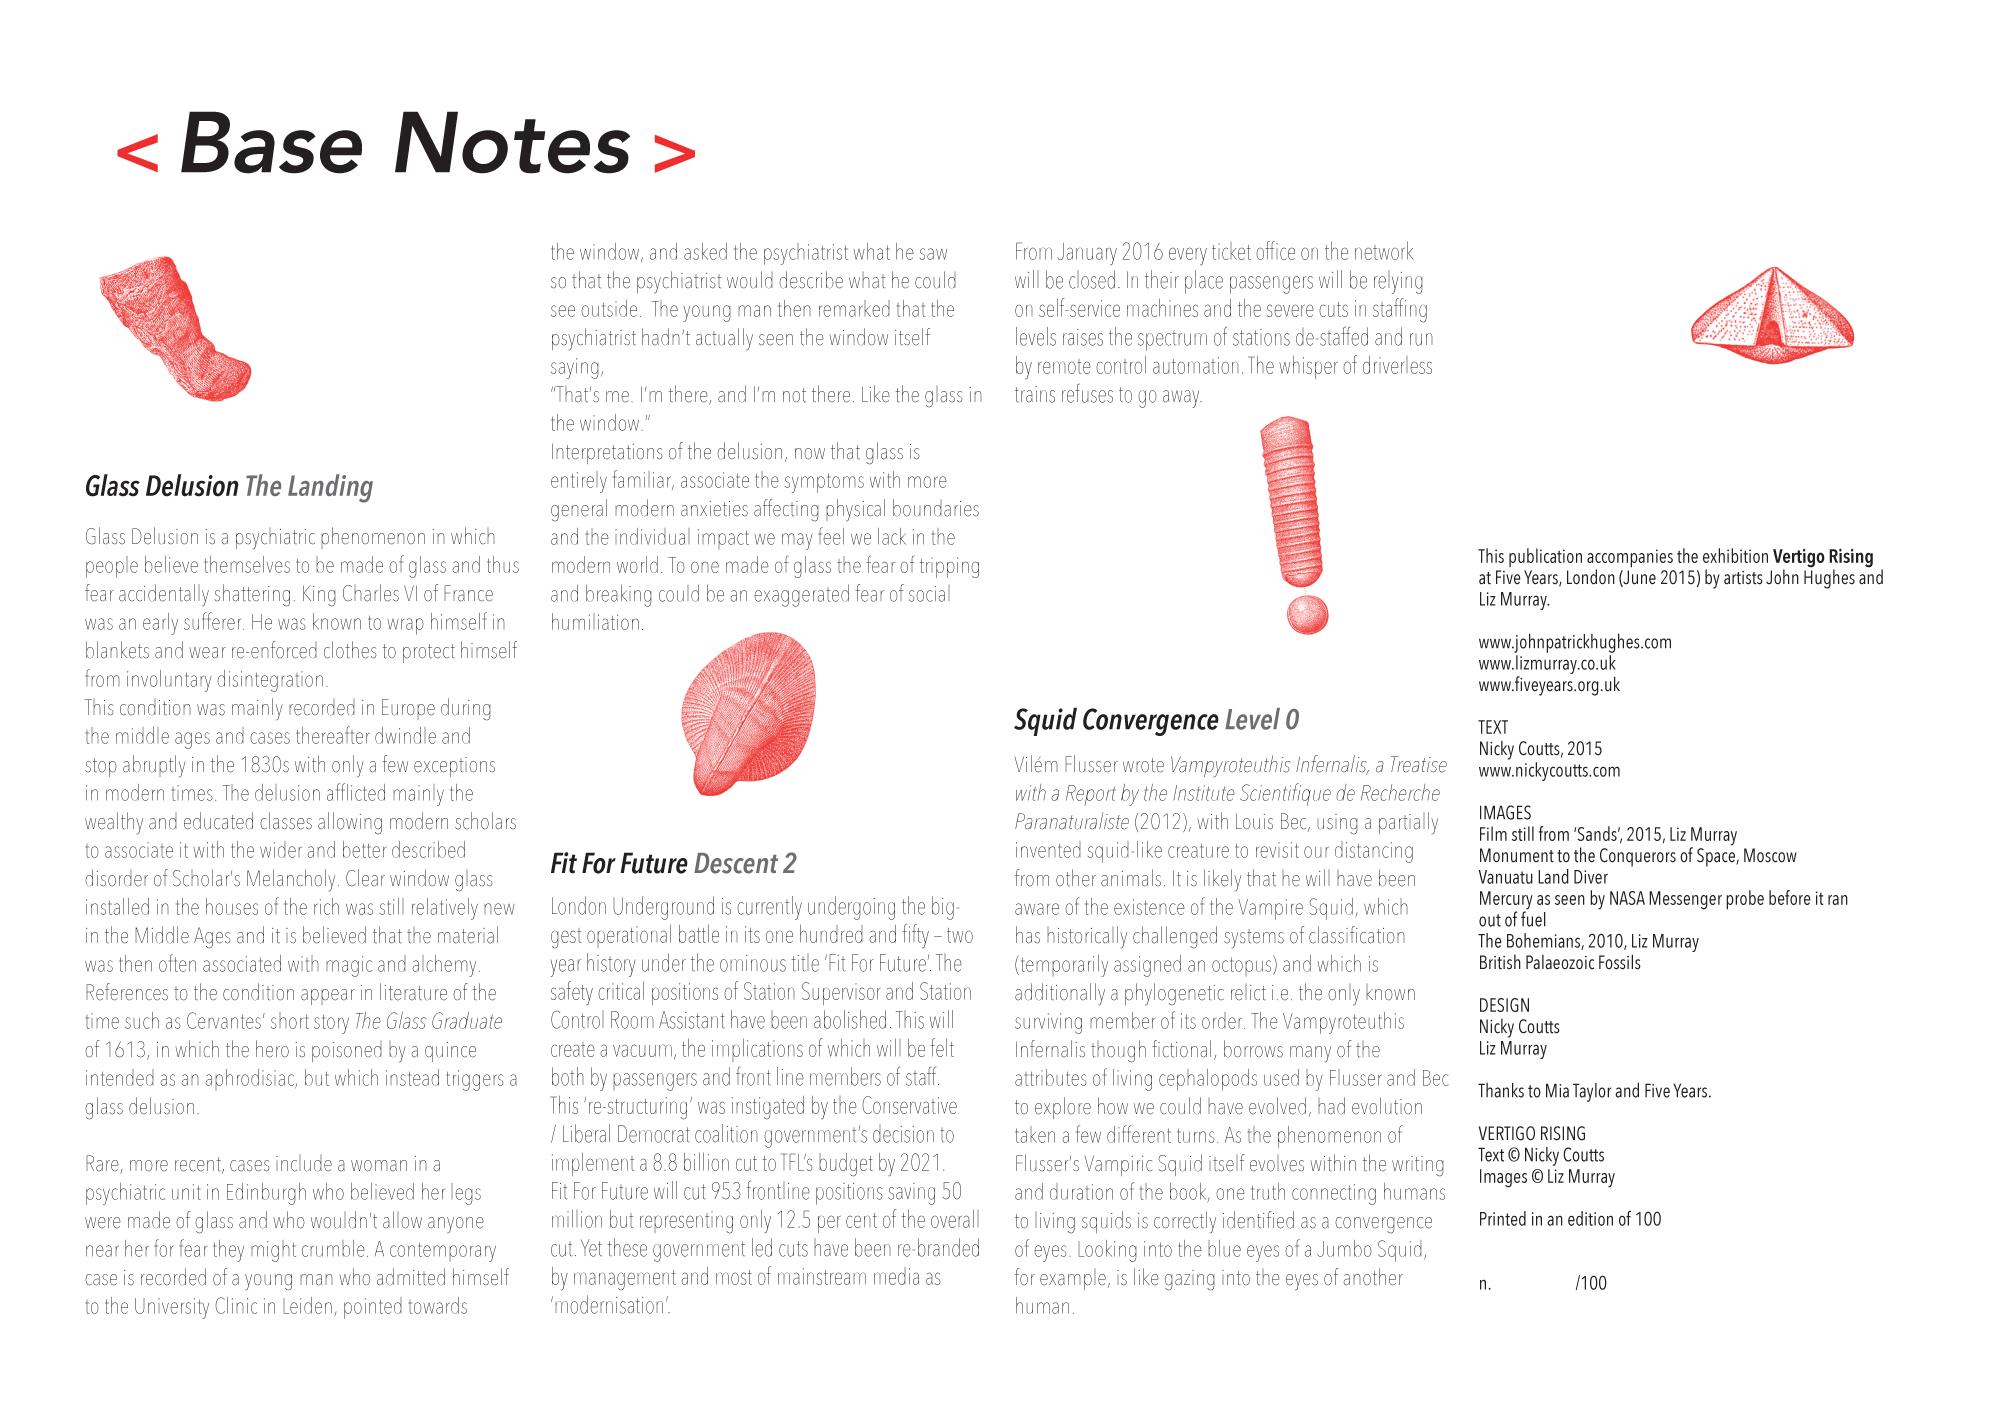 Vertigo_rising_base_notes